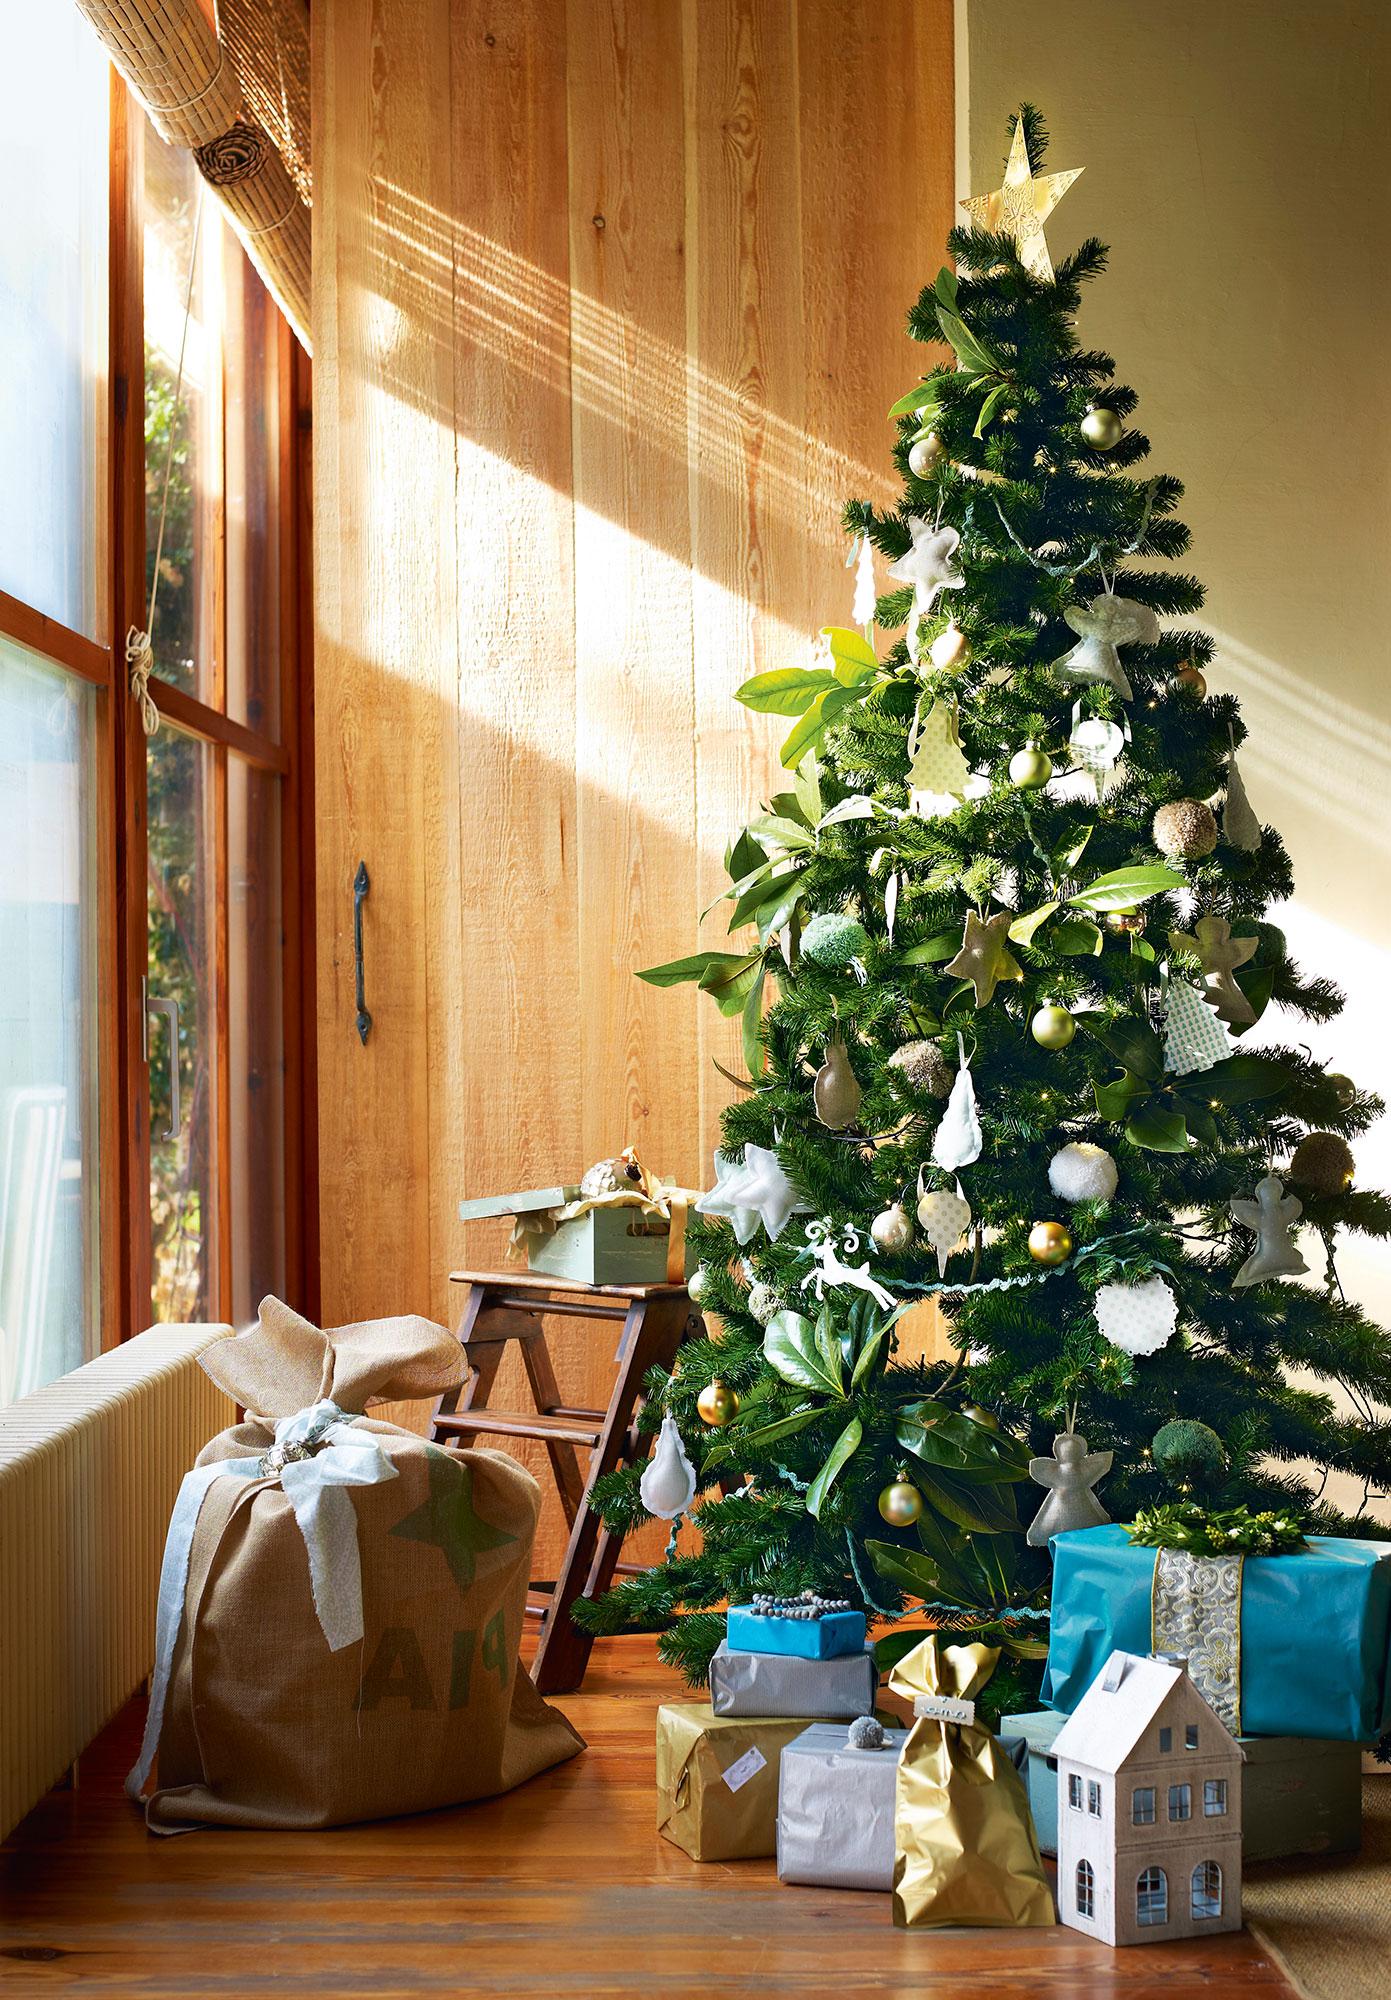 15 ideas para decorar de navidad un piso peque o - Decorar arbol de navidad blanco ...